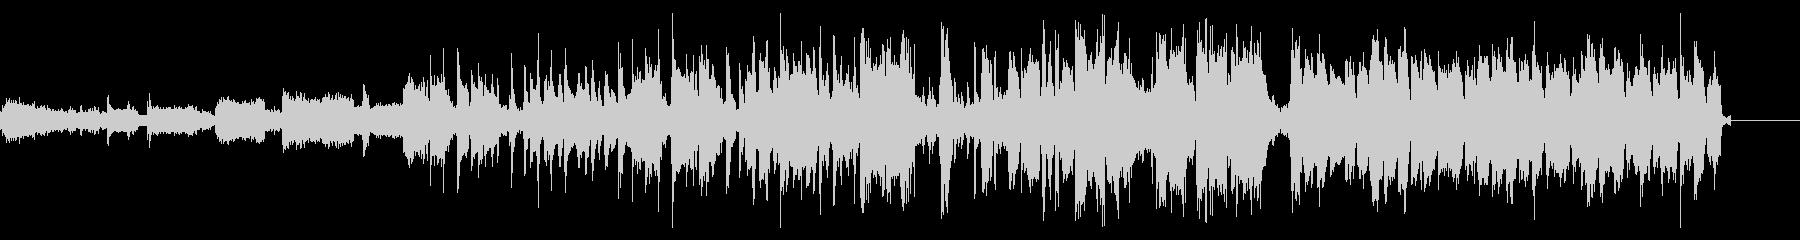 ファンキーなフルートがリードするCM音源の未再生の波形